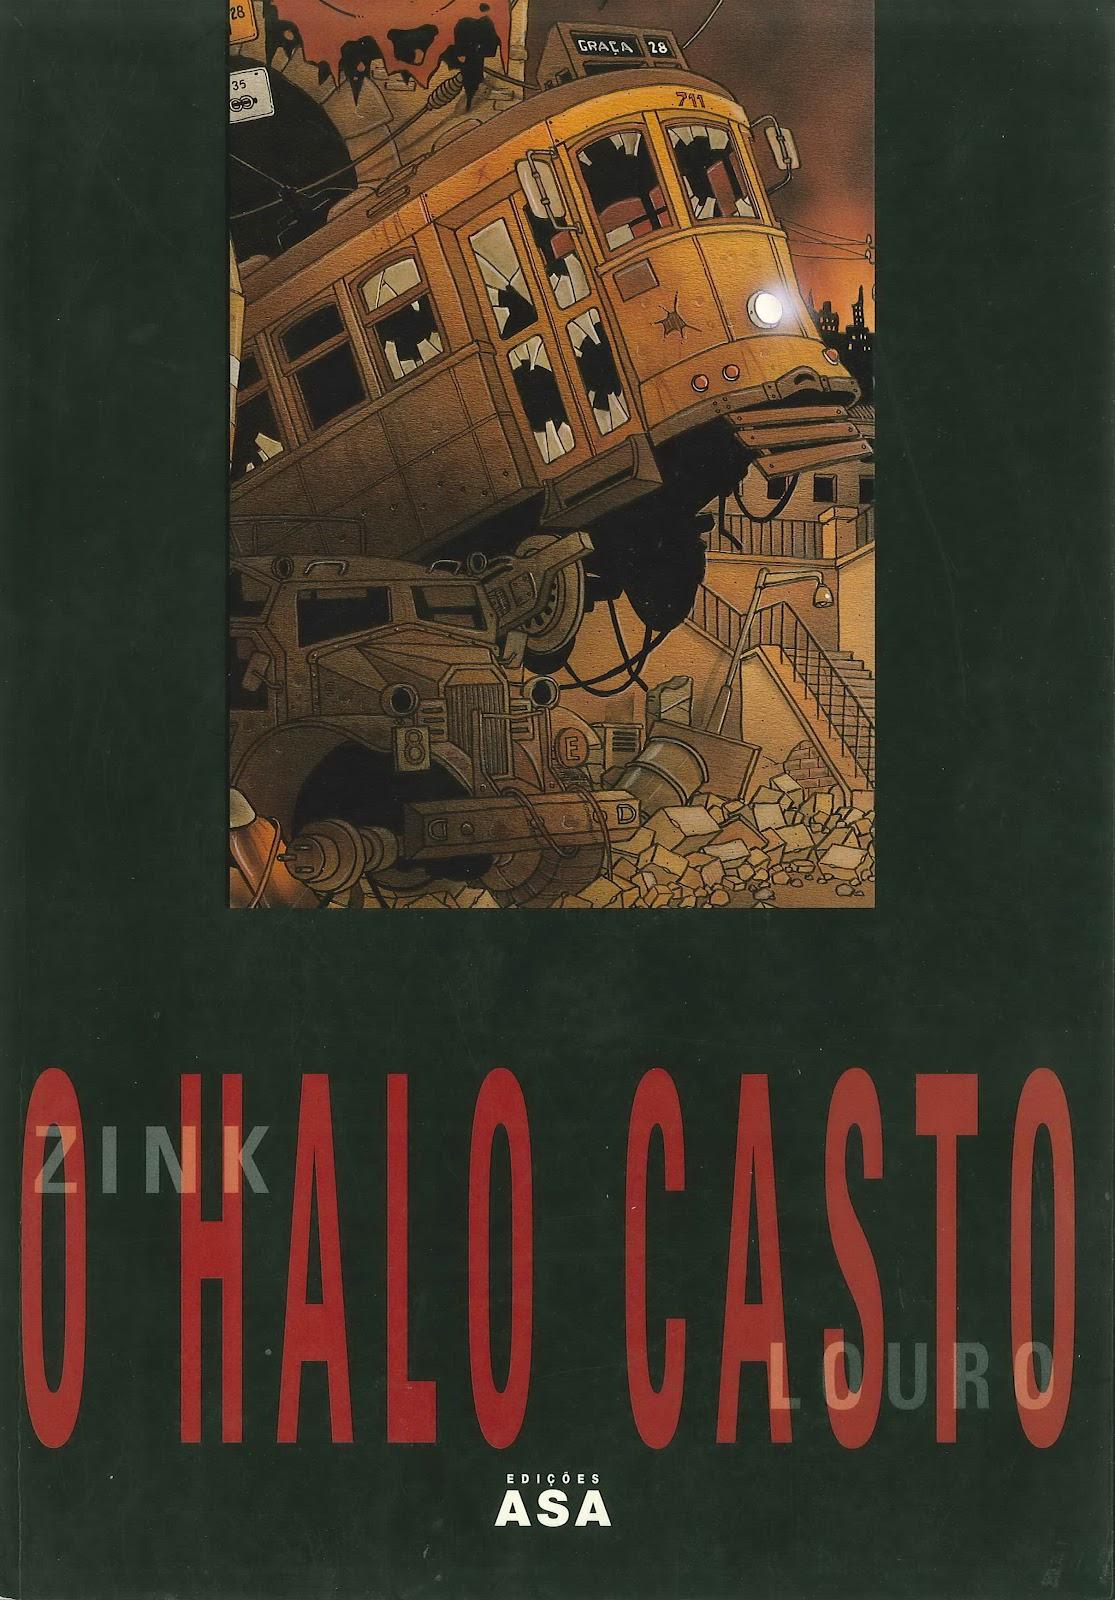 O Halo Casto